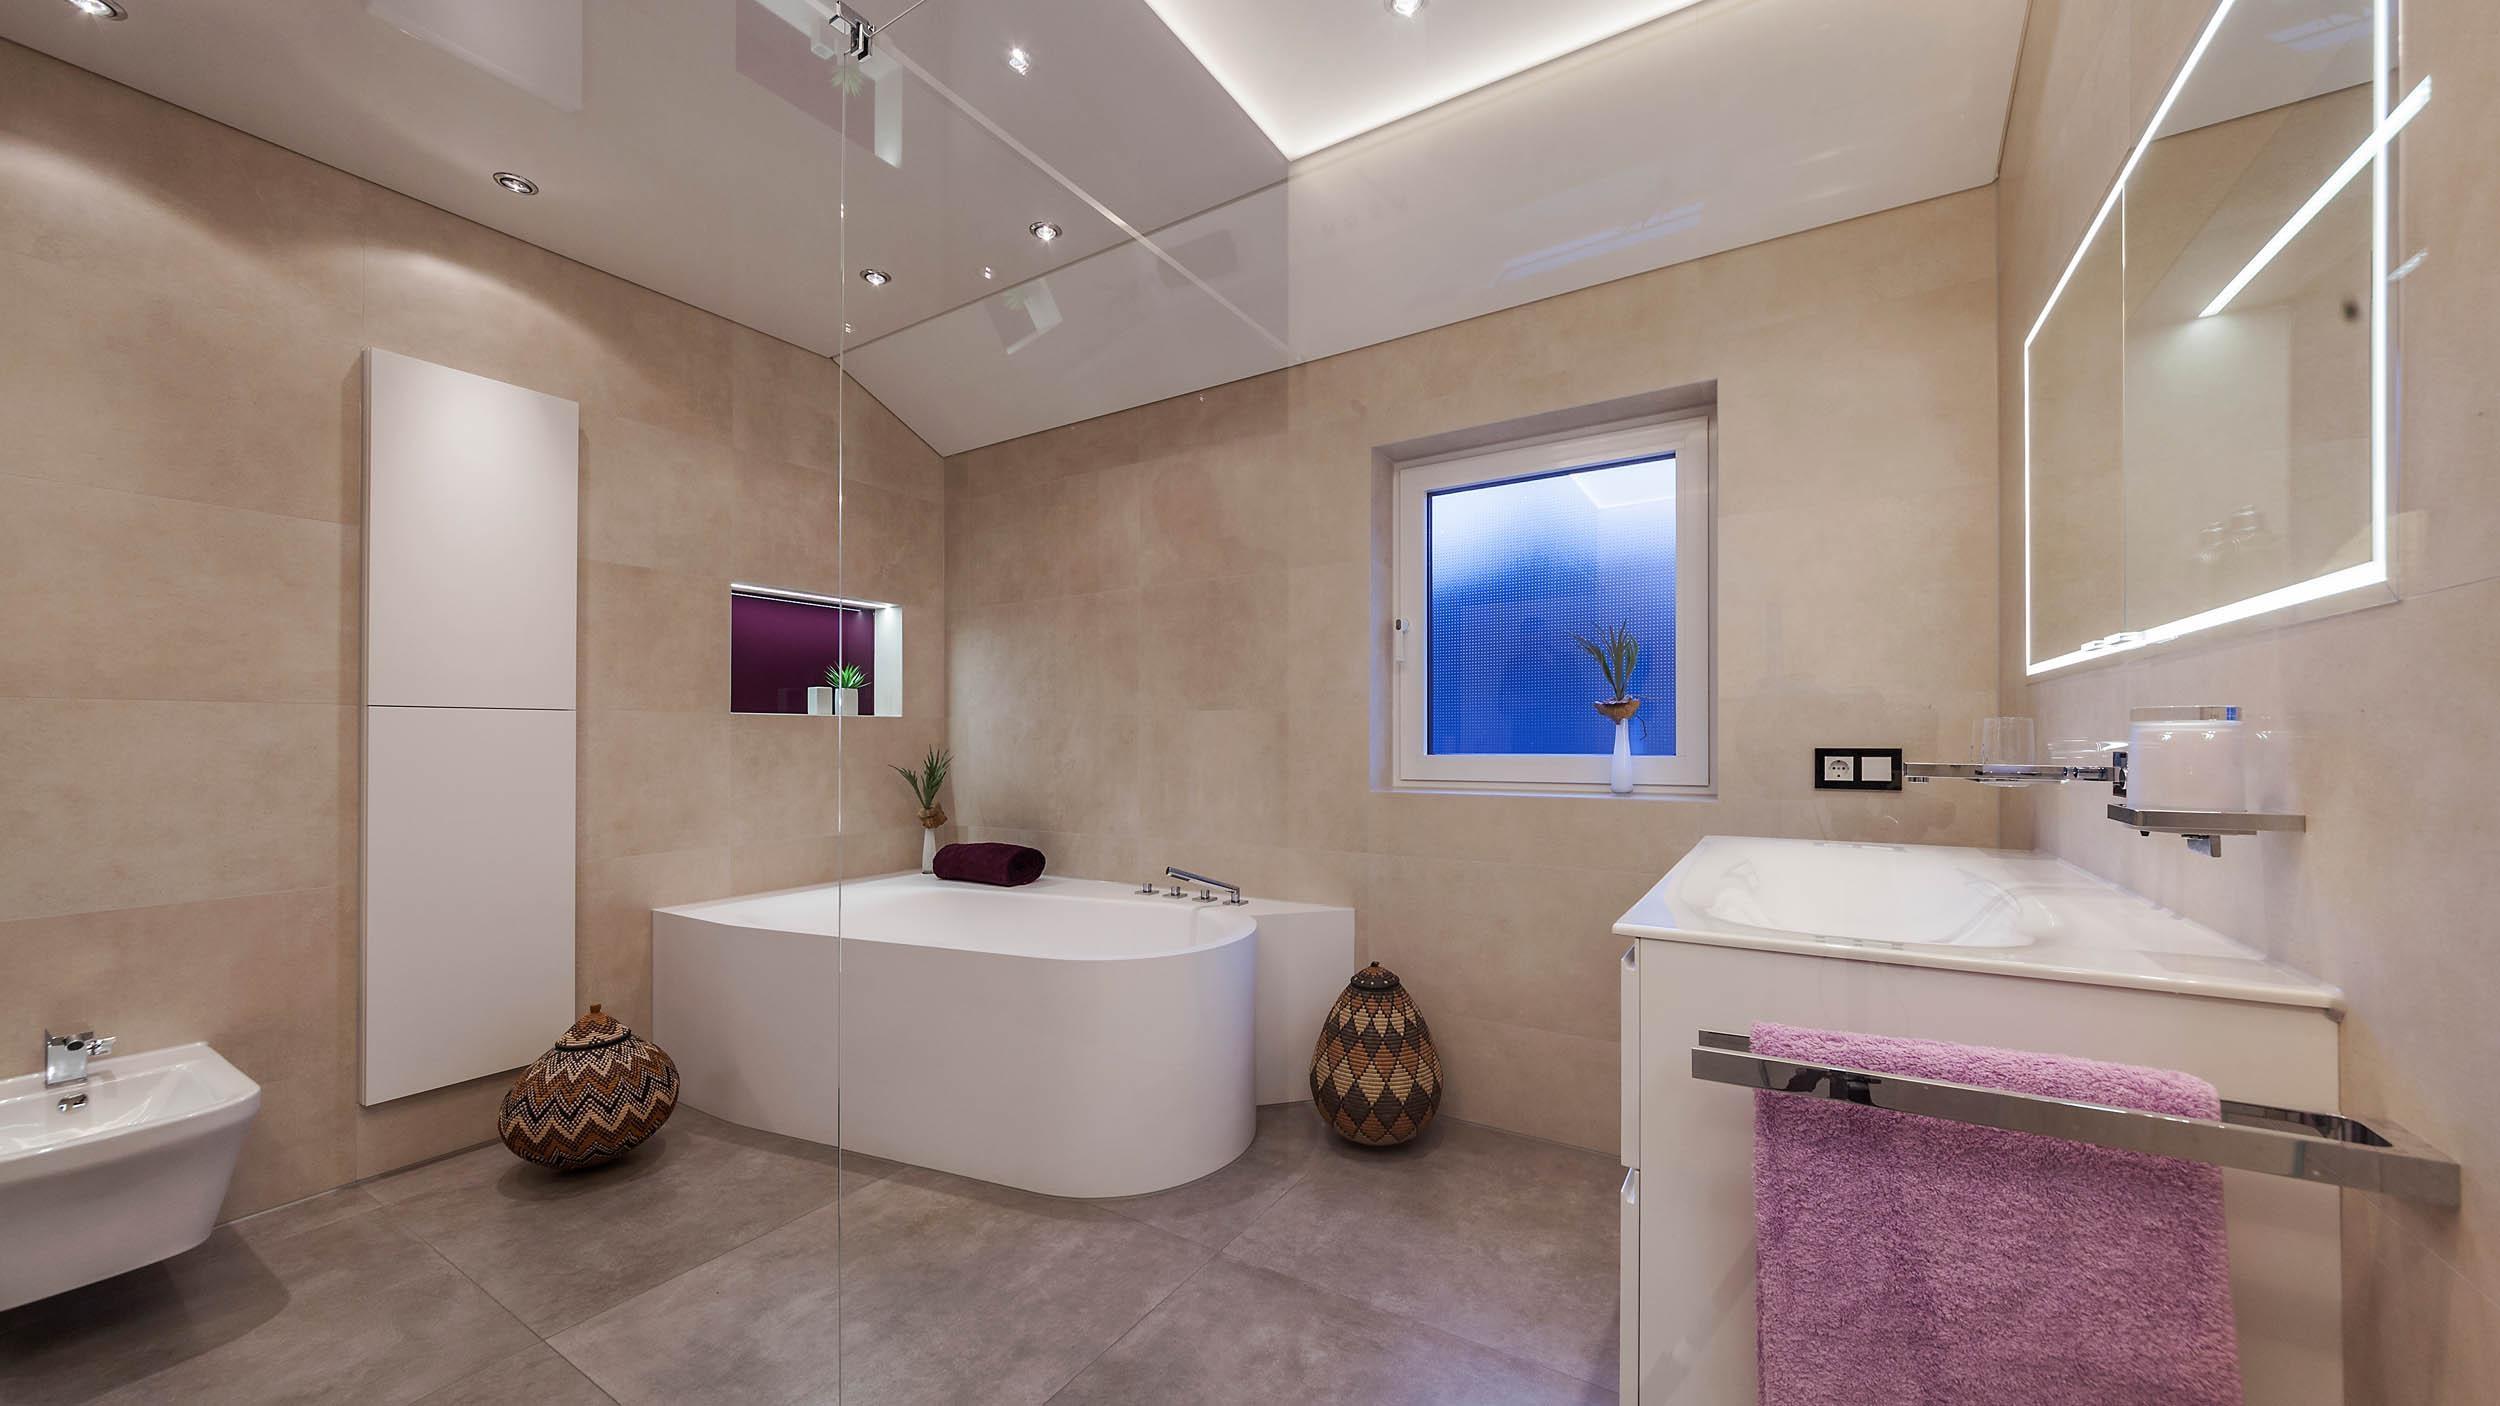 Astounding Badezimmer Design Galerie Von #bestebadstudios #badezimmer #bad #badewanne #wc #waschbecken #badmöbel